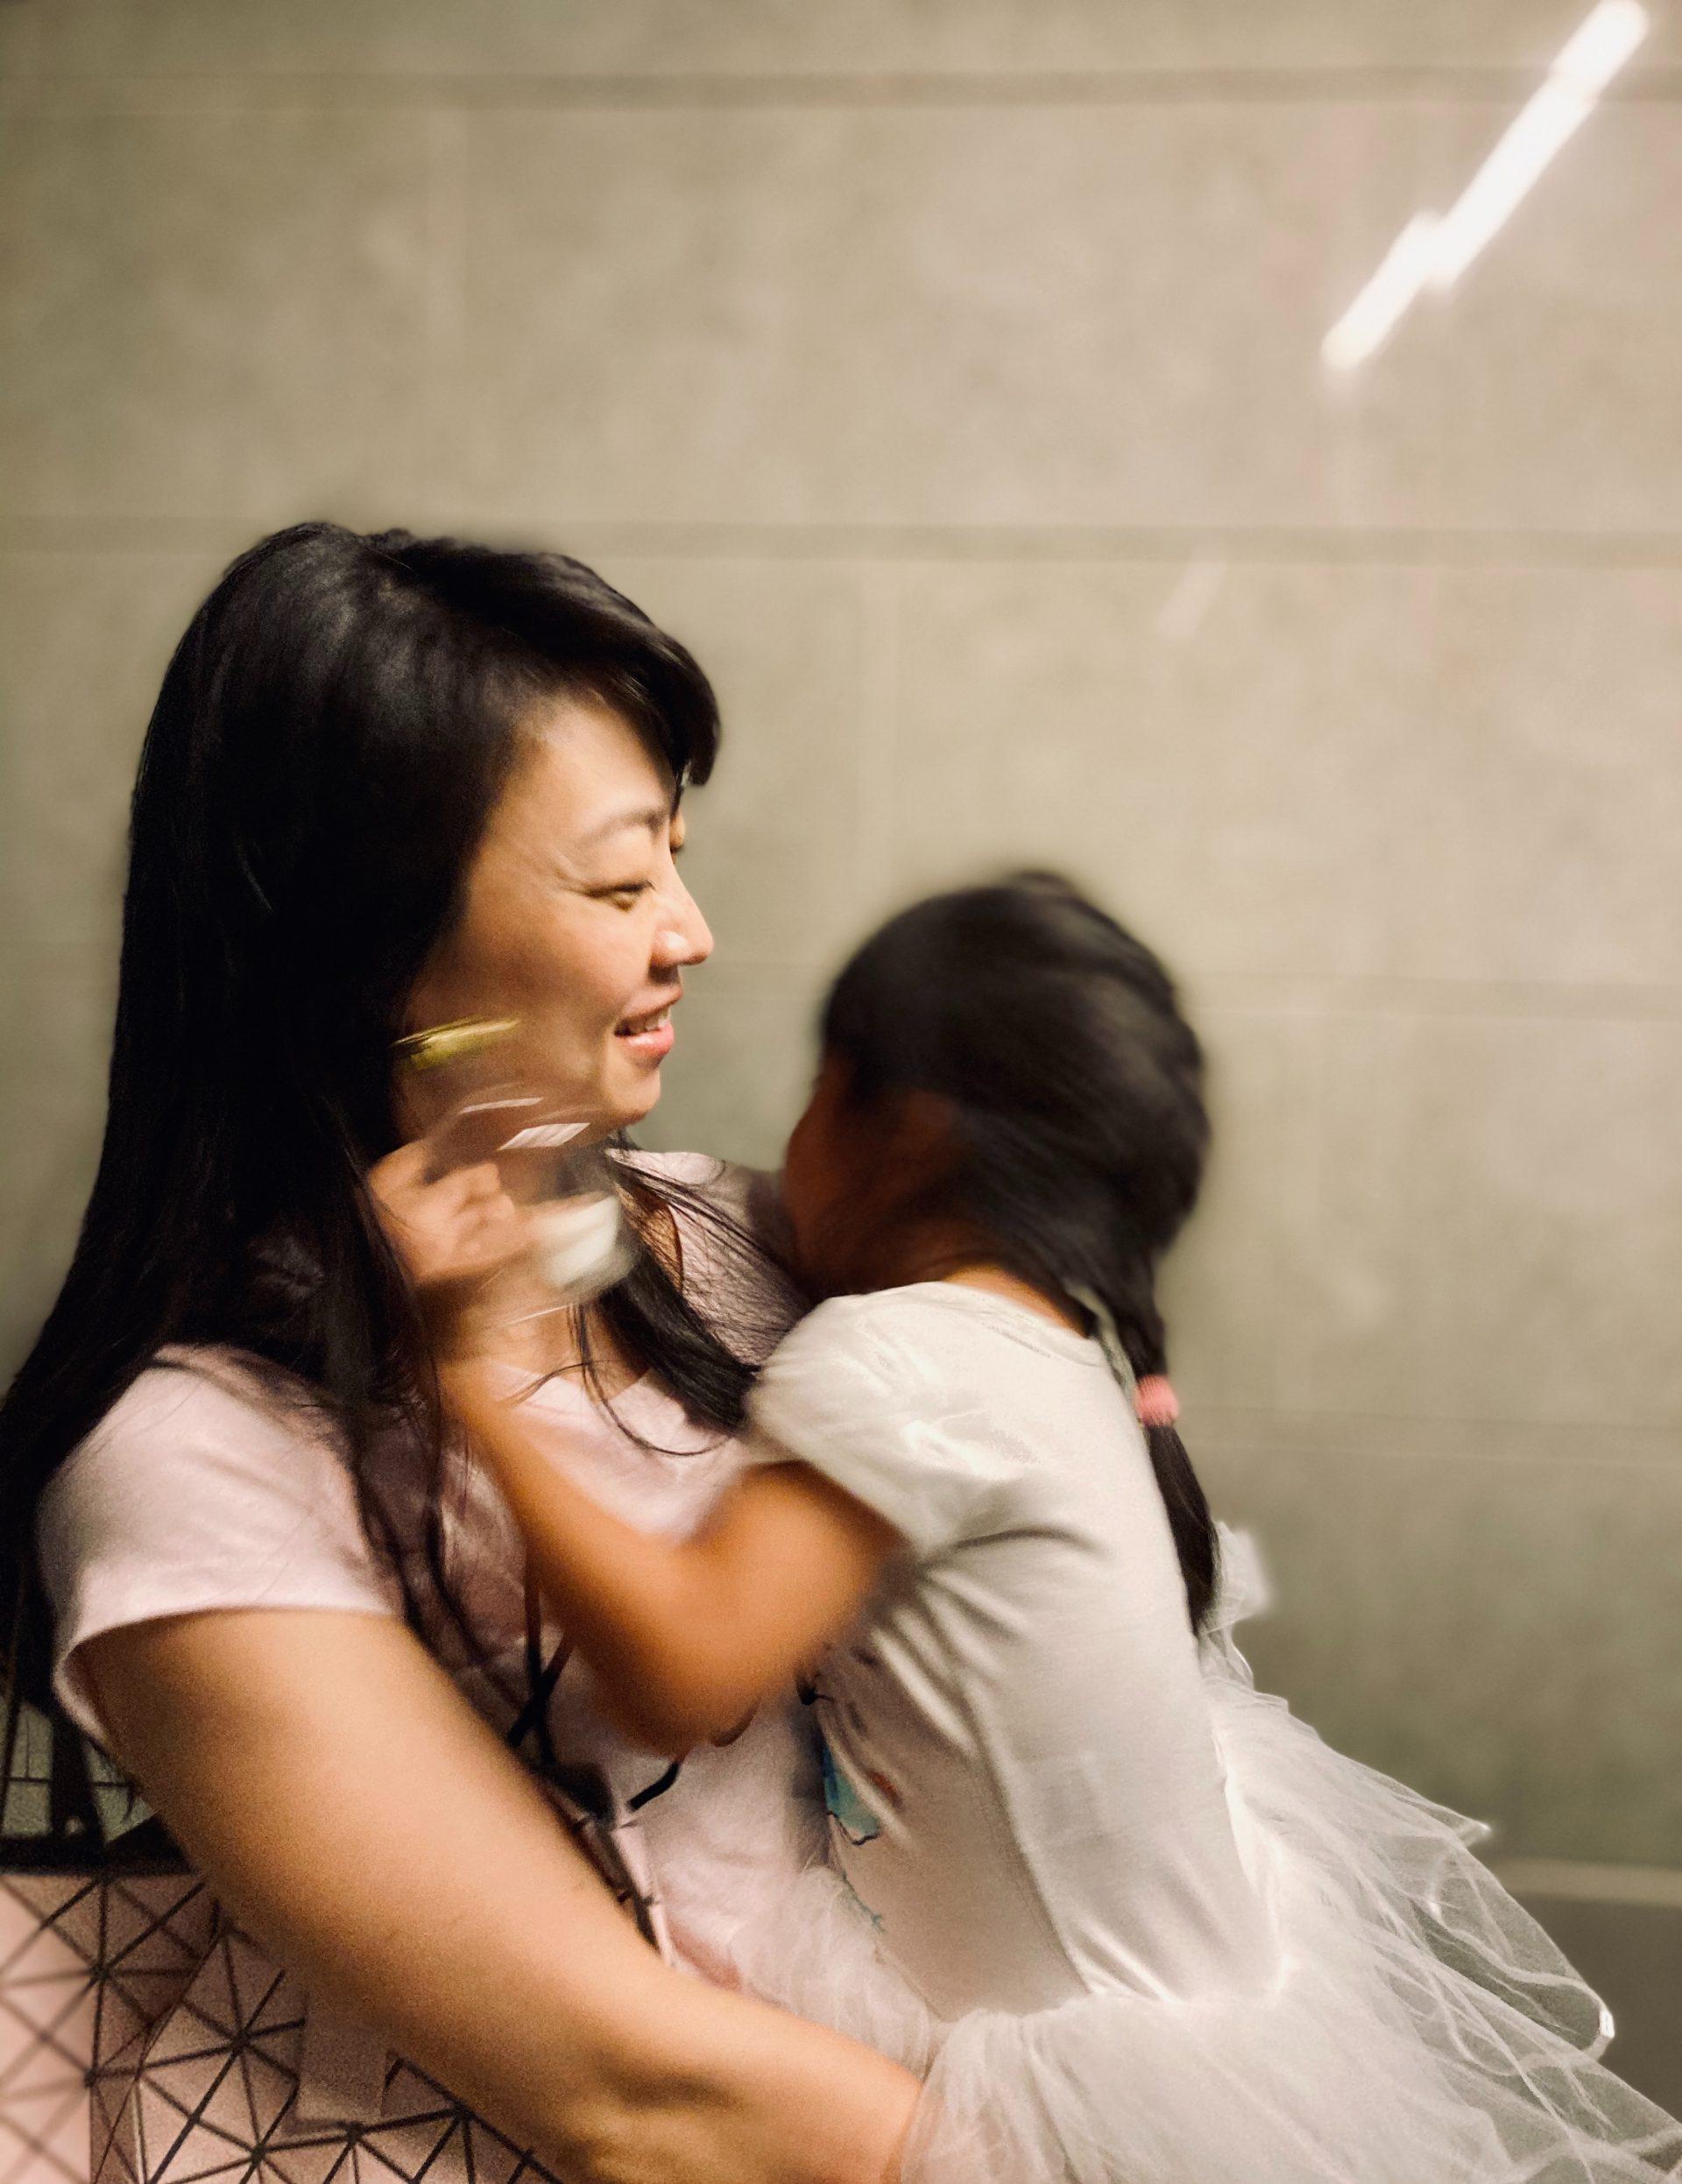 Feminismus auf Chinesisch